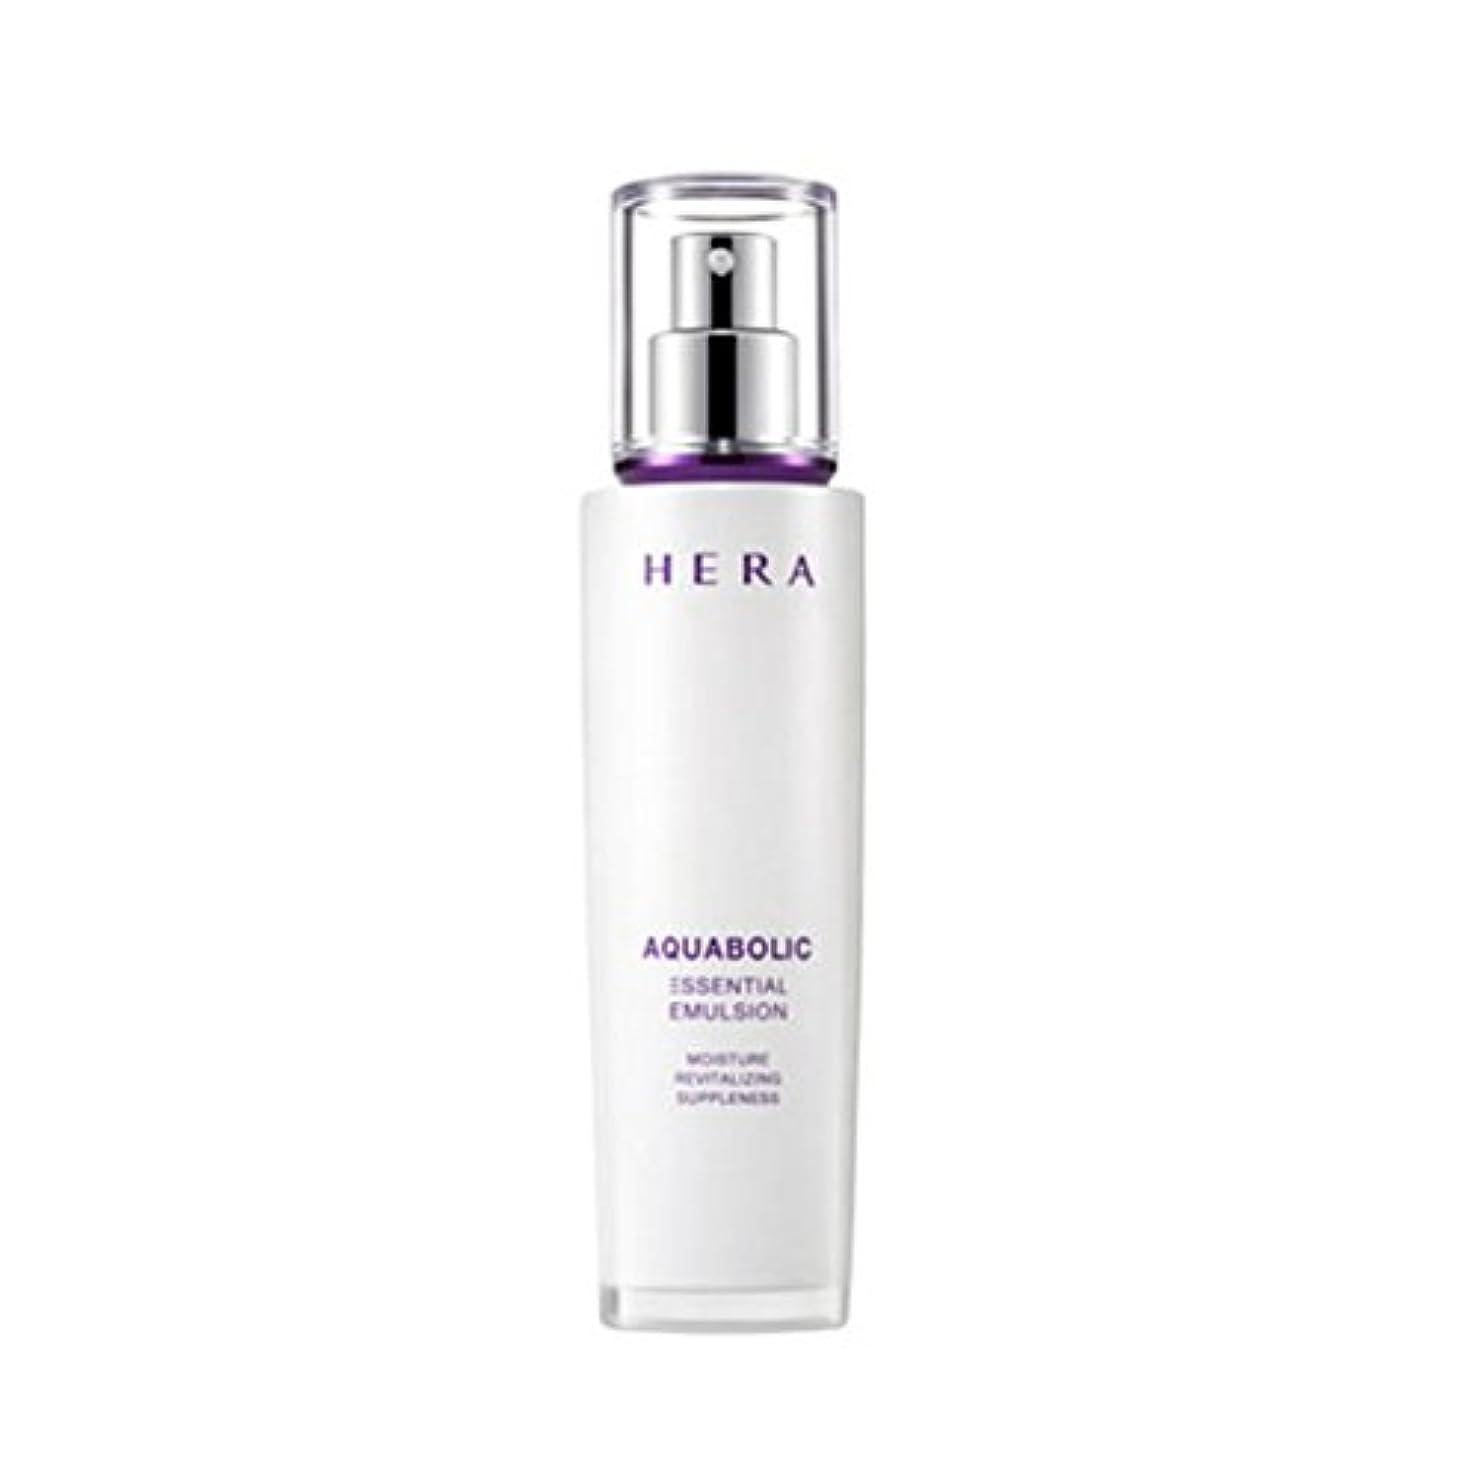 先例フィクション既婚(ヘラ) HERA アクアボリックエッセンシャル エマルジョン 120ml / Aquabolic Essential Emulsion 120ml (韓国直輸入)